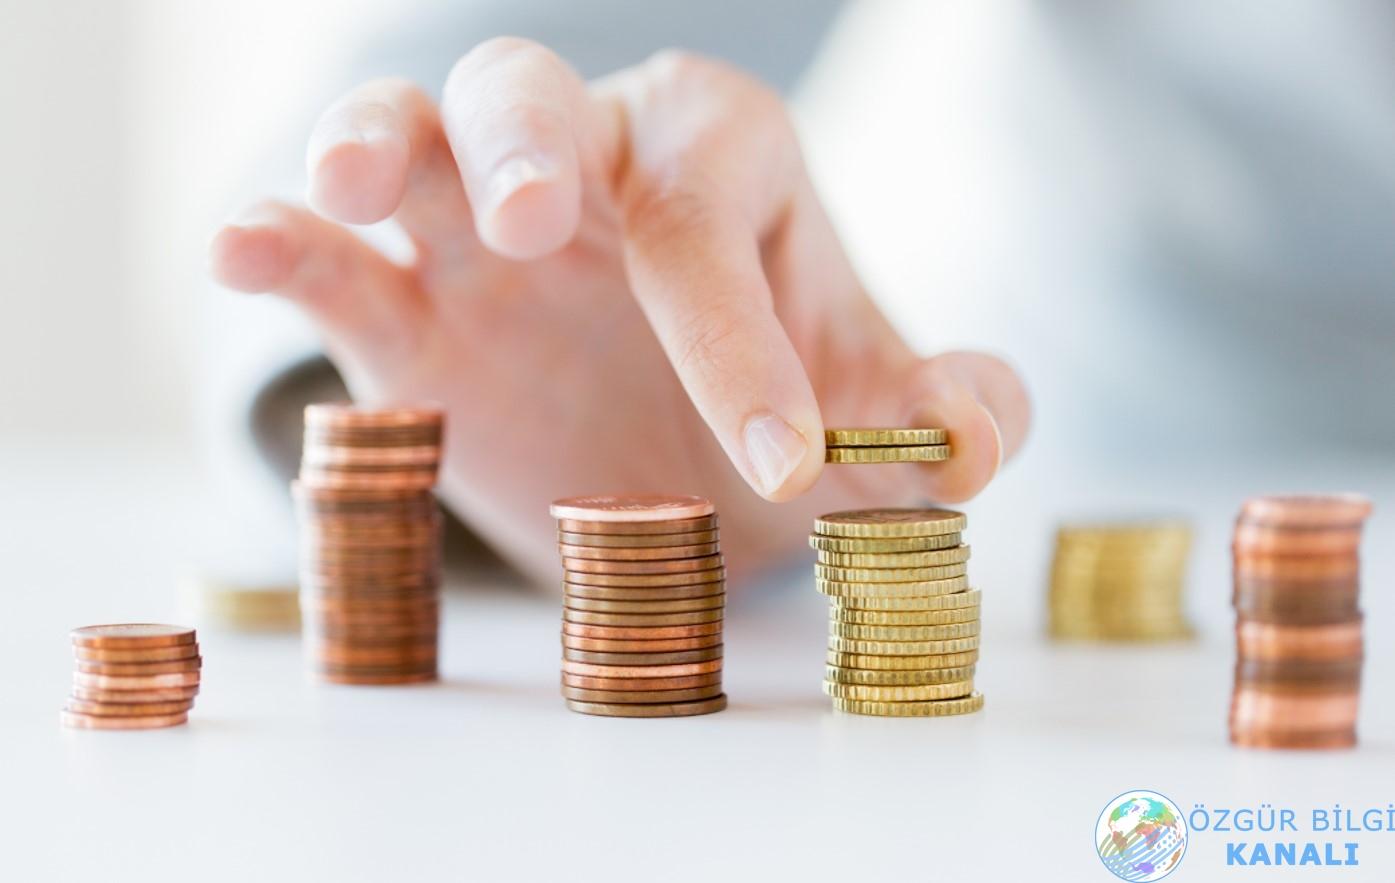 sukuk,işlem platformu,kaynak,yatırım araçları,pay,ihraç,kredi,piayasa